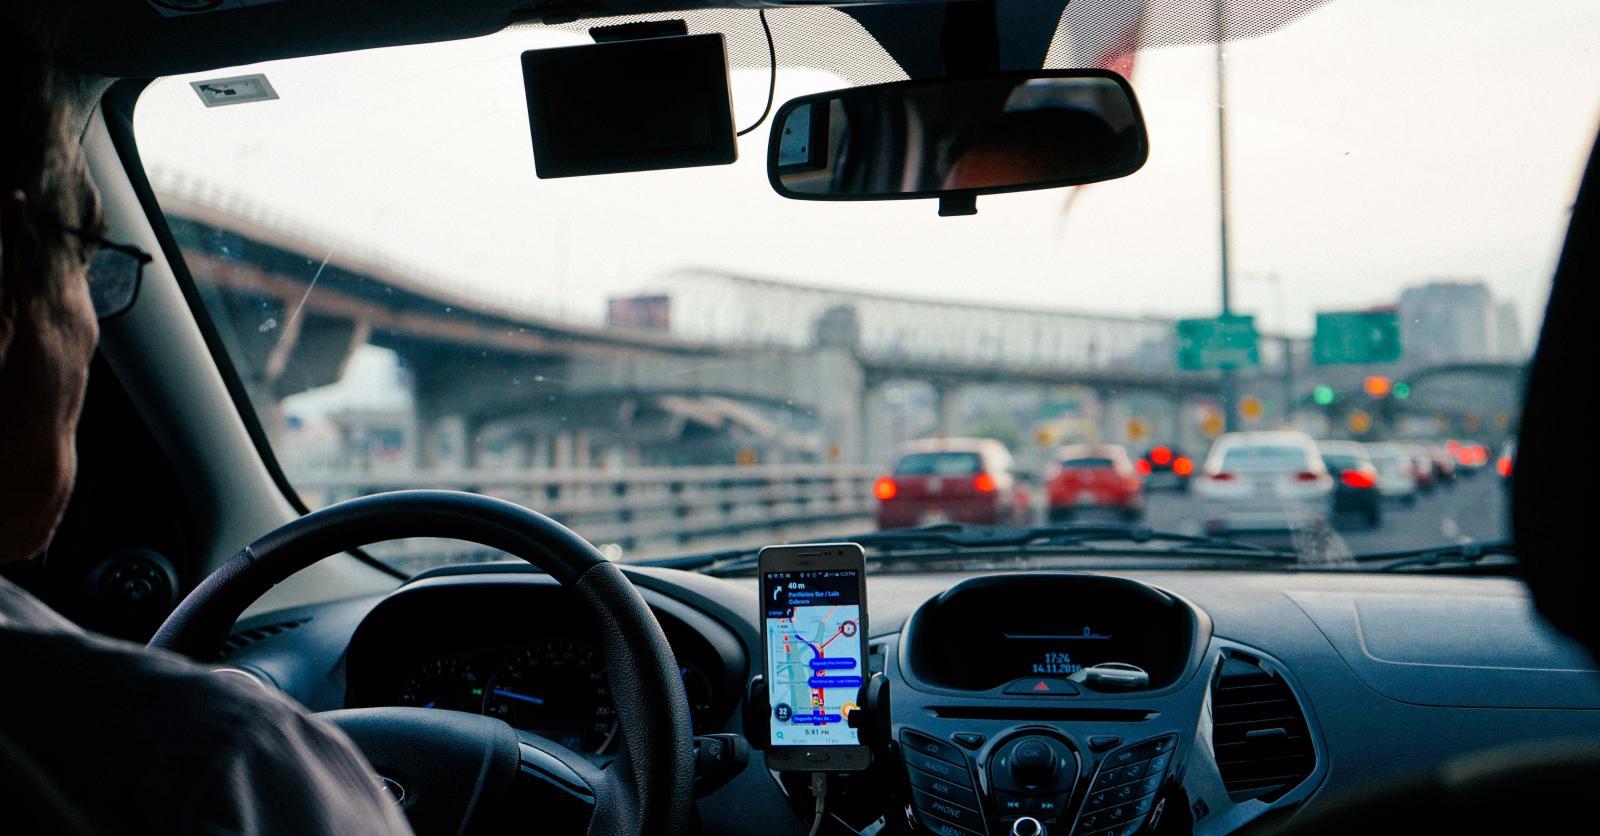 El valor del auto sería factor para trabajar en Uber